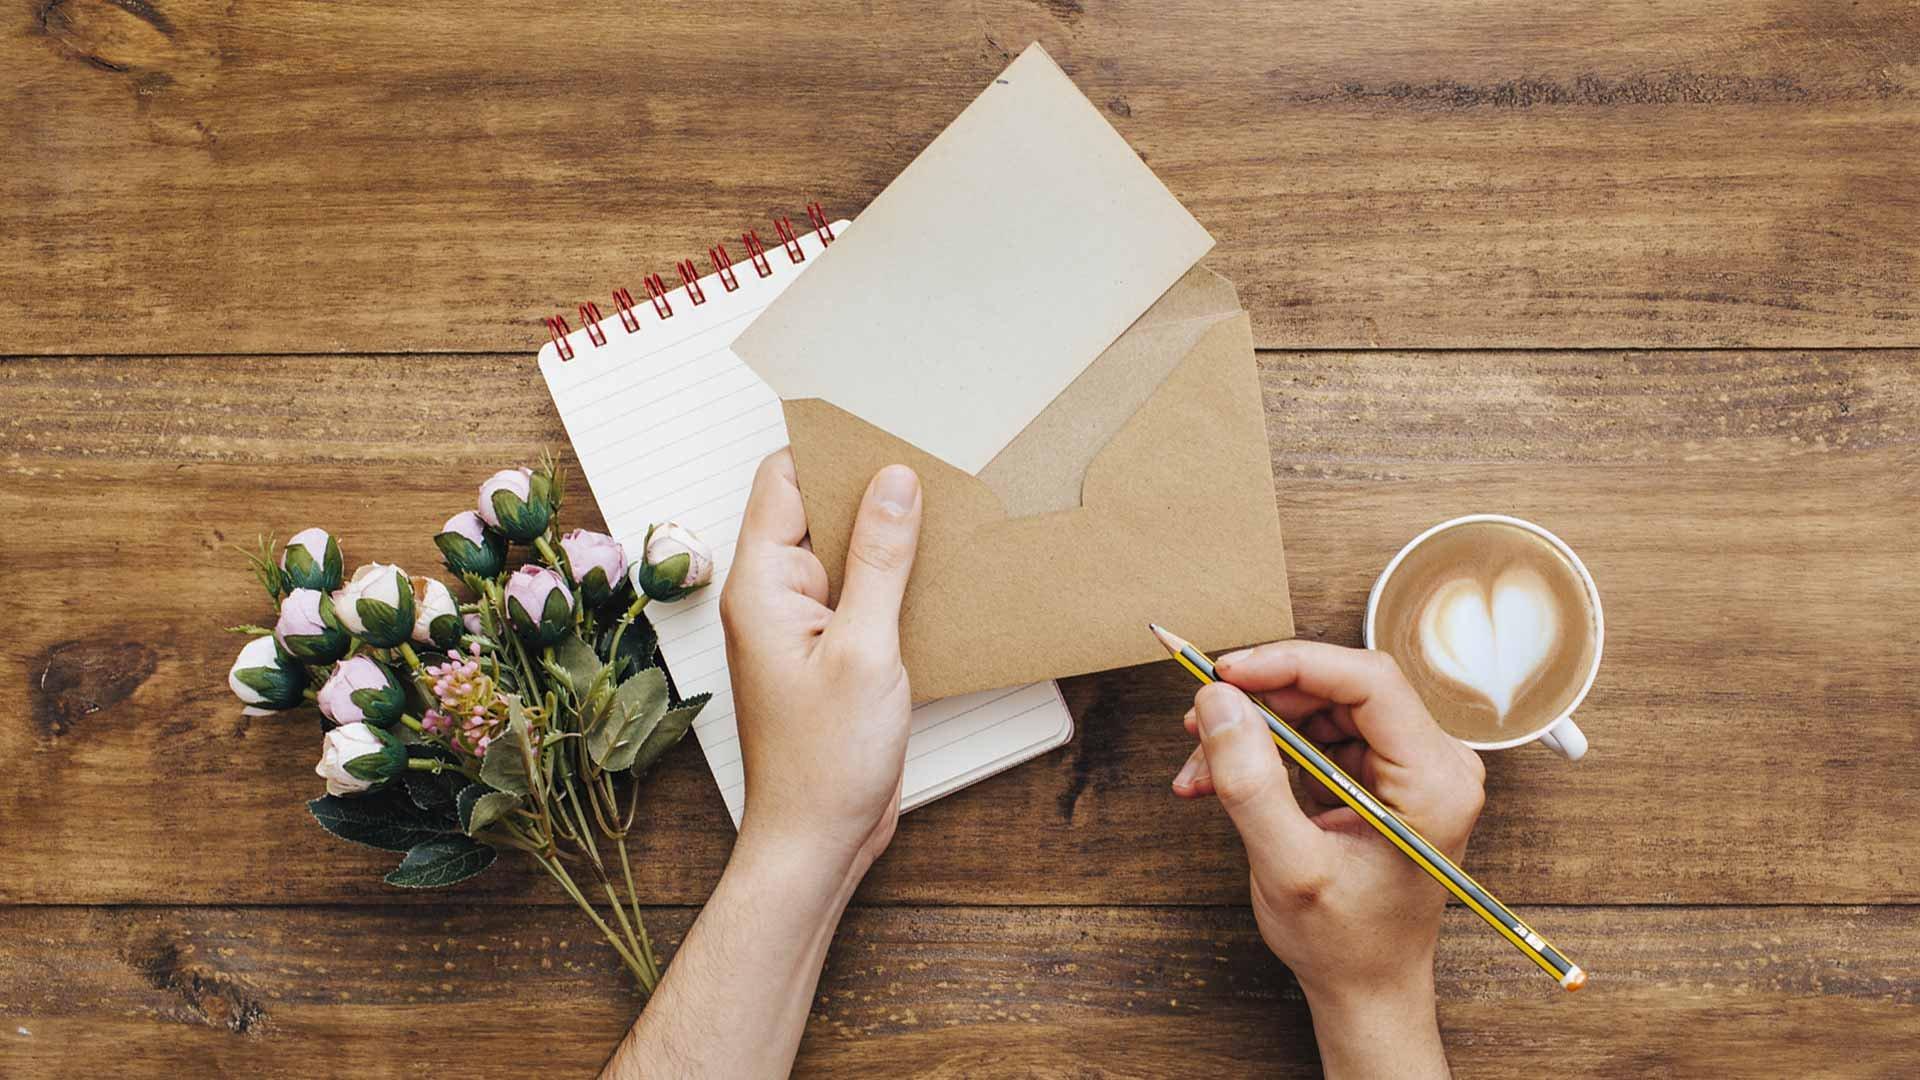 Consigli email marketing | Invia mail personalizzate da un account veritiero